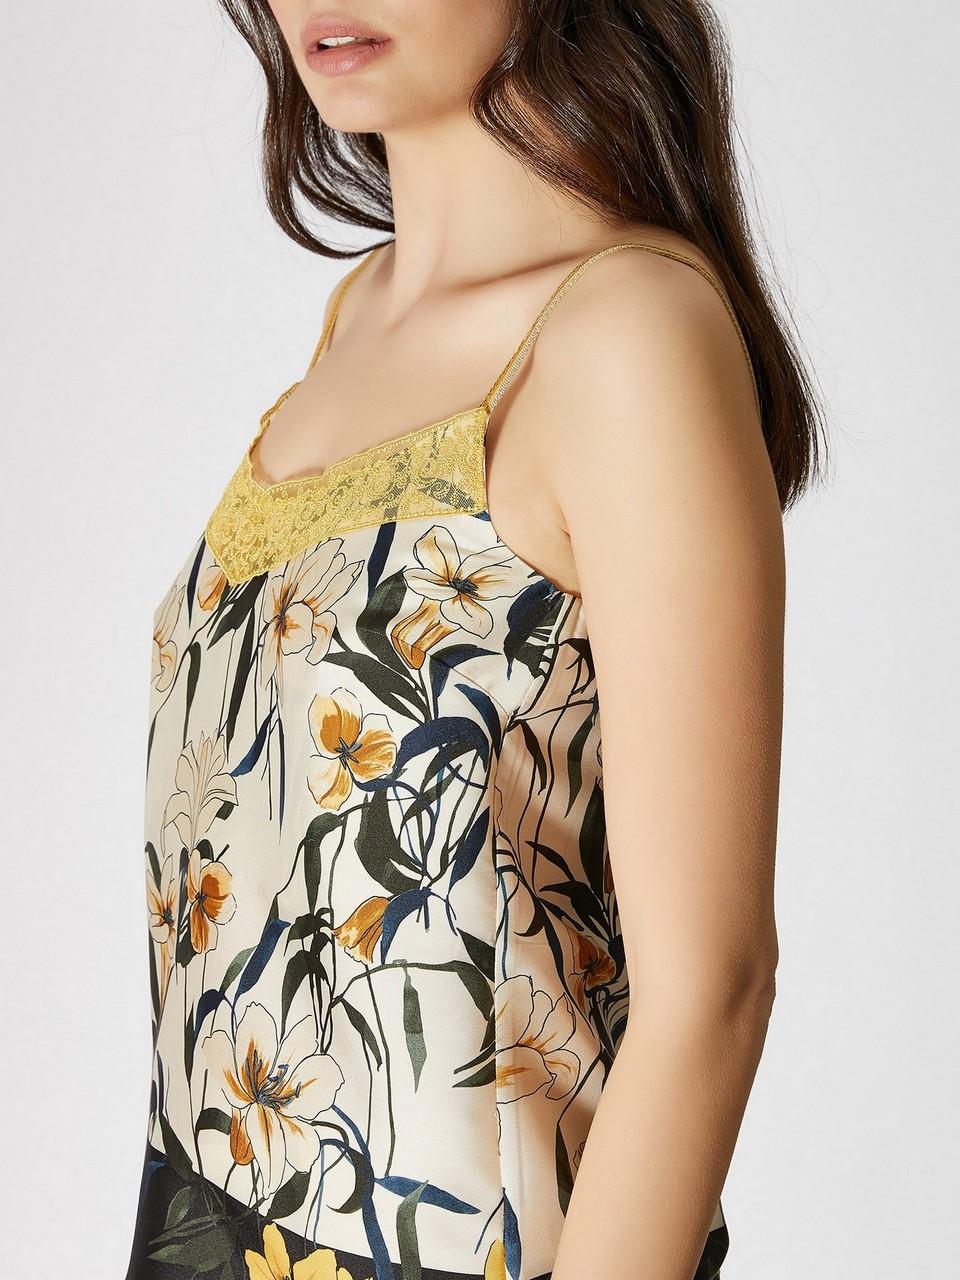 İp Askılı Çiçek Desenliı Bluz